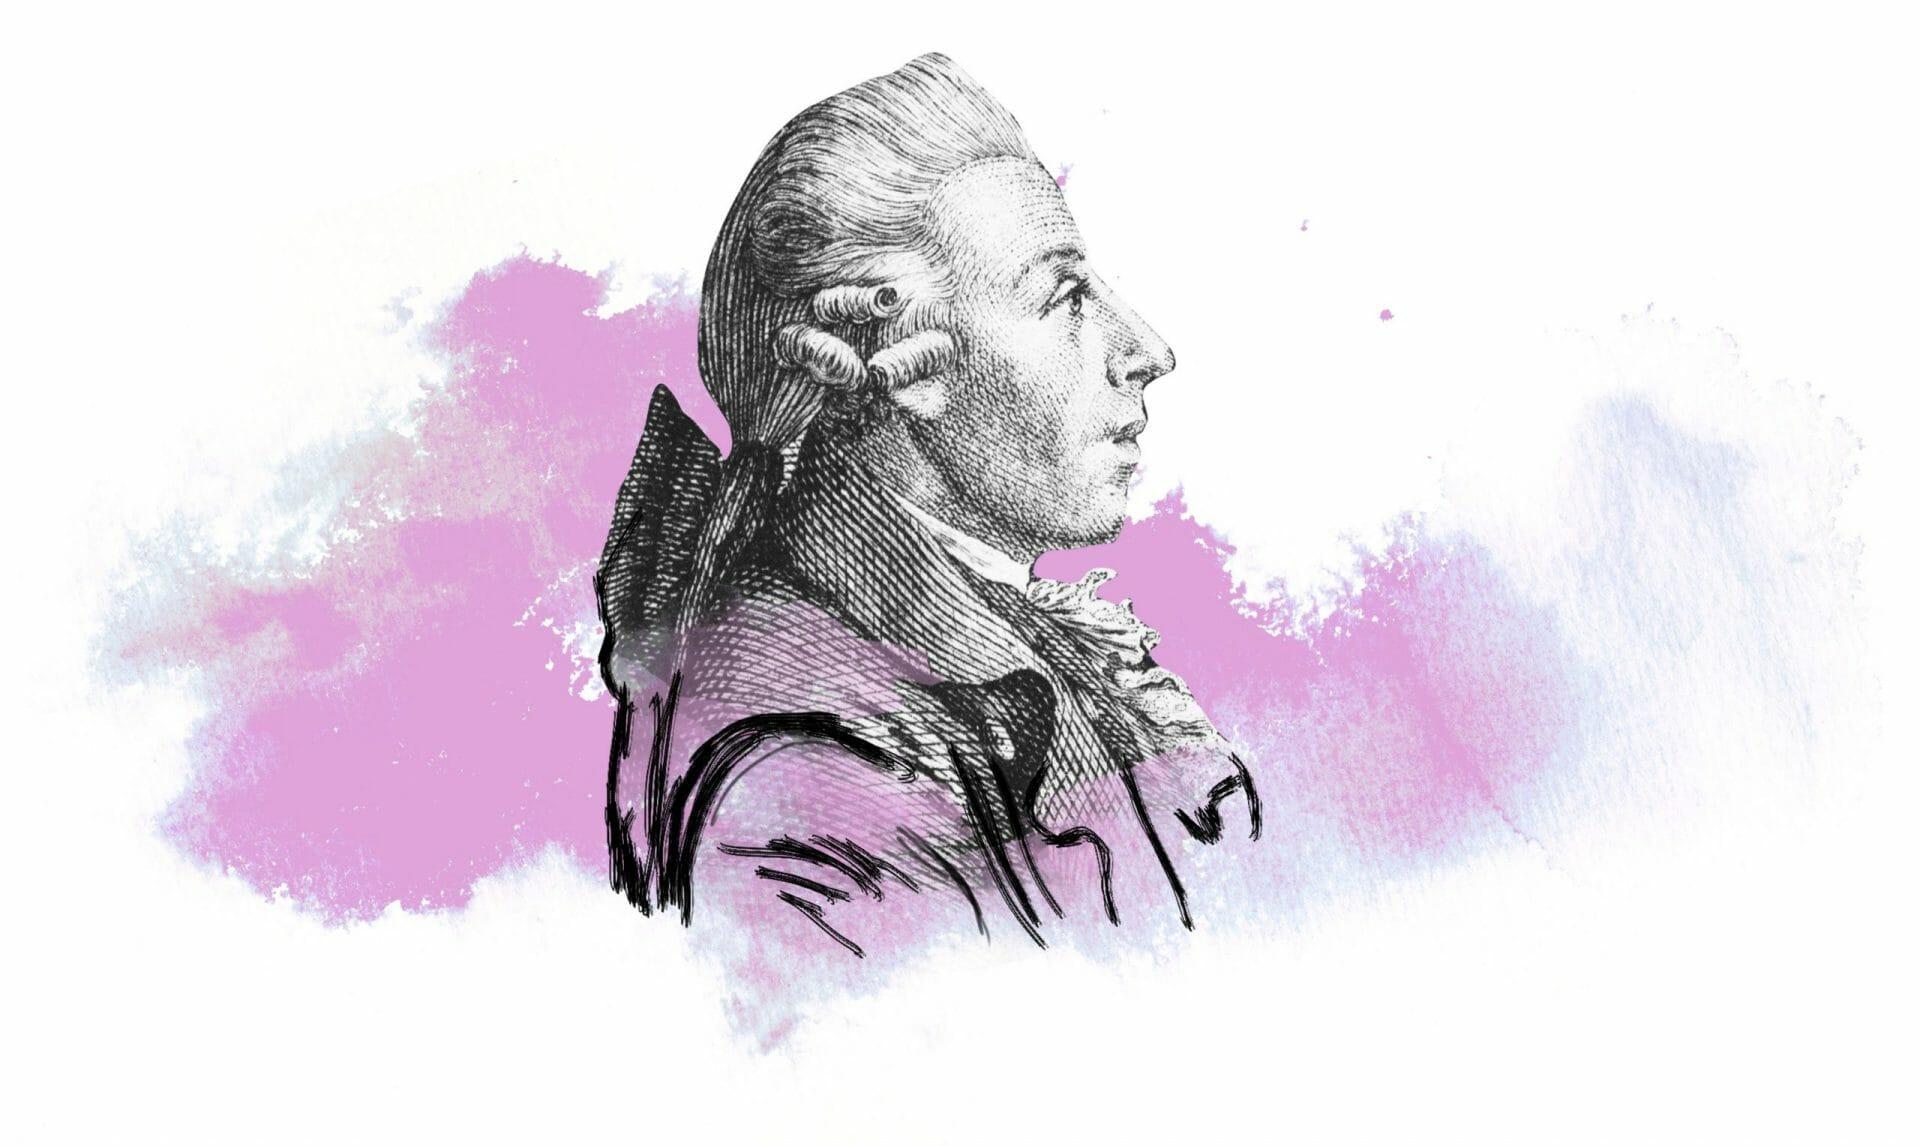 Portrait eines Mannes im Profil. Er trägt die Hare auf barocke Weise gelockt.